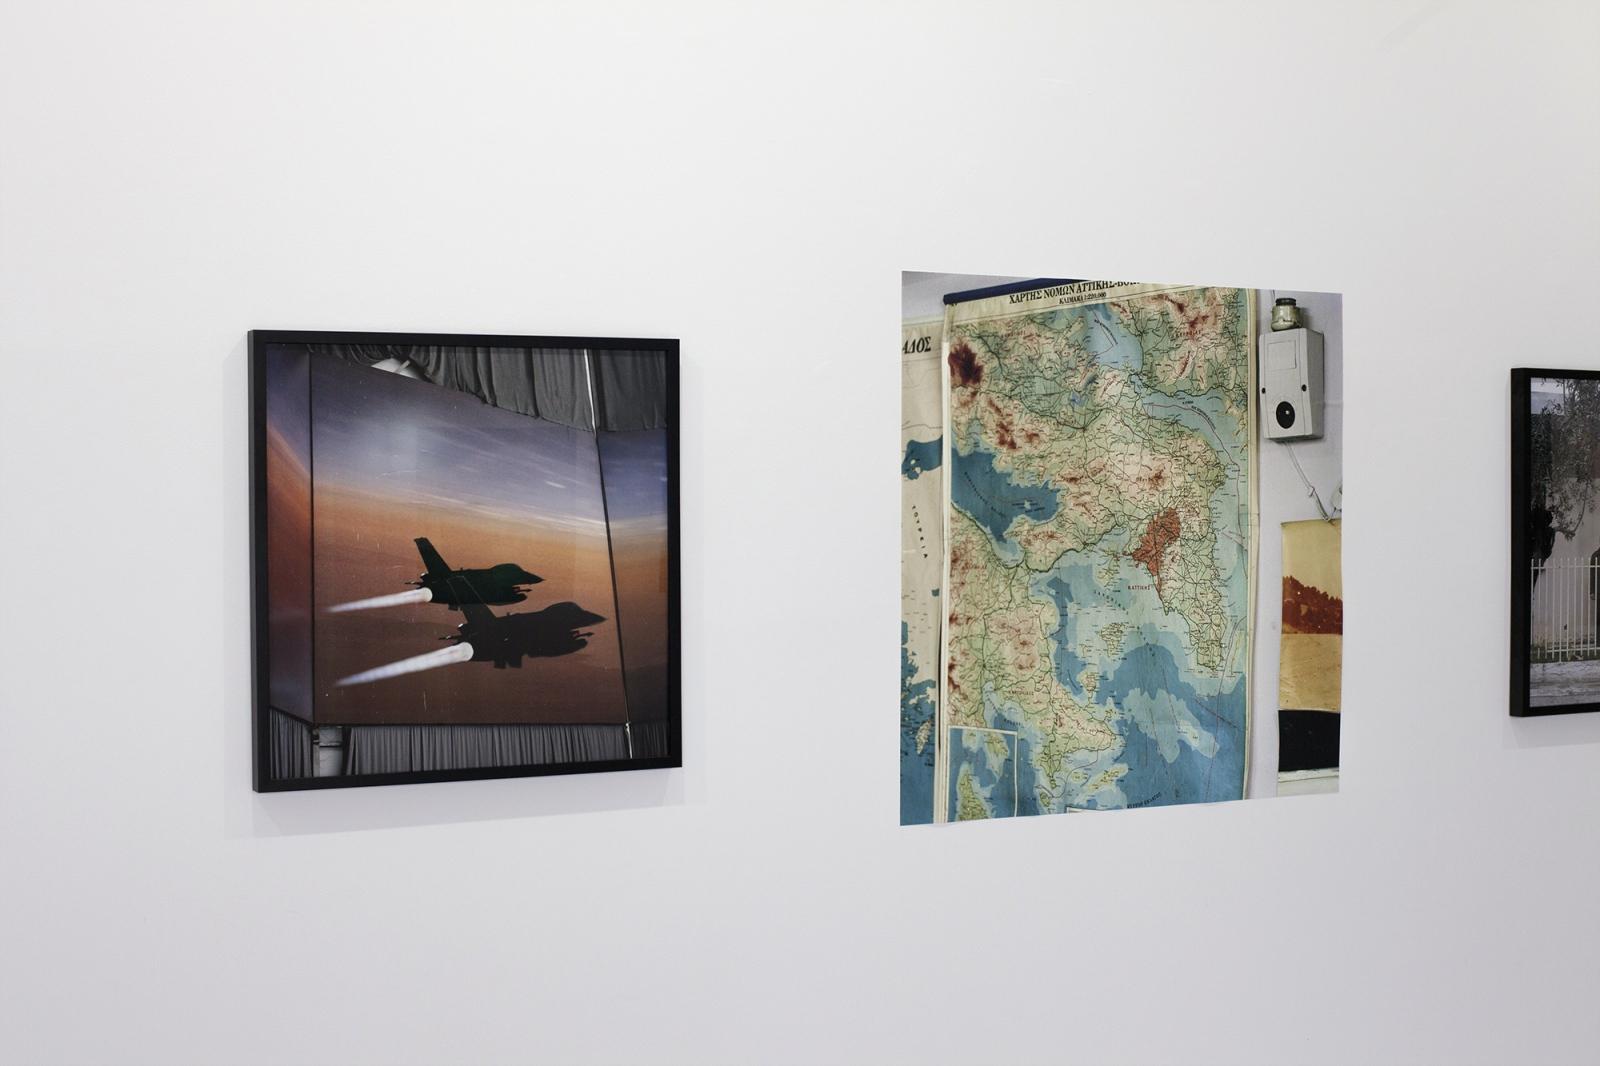 PhotoEspana 2016 Solo Exhibition Centro de Artes - Alcobentas